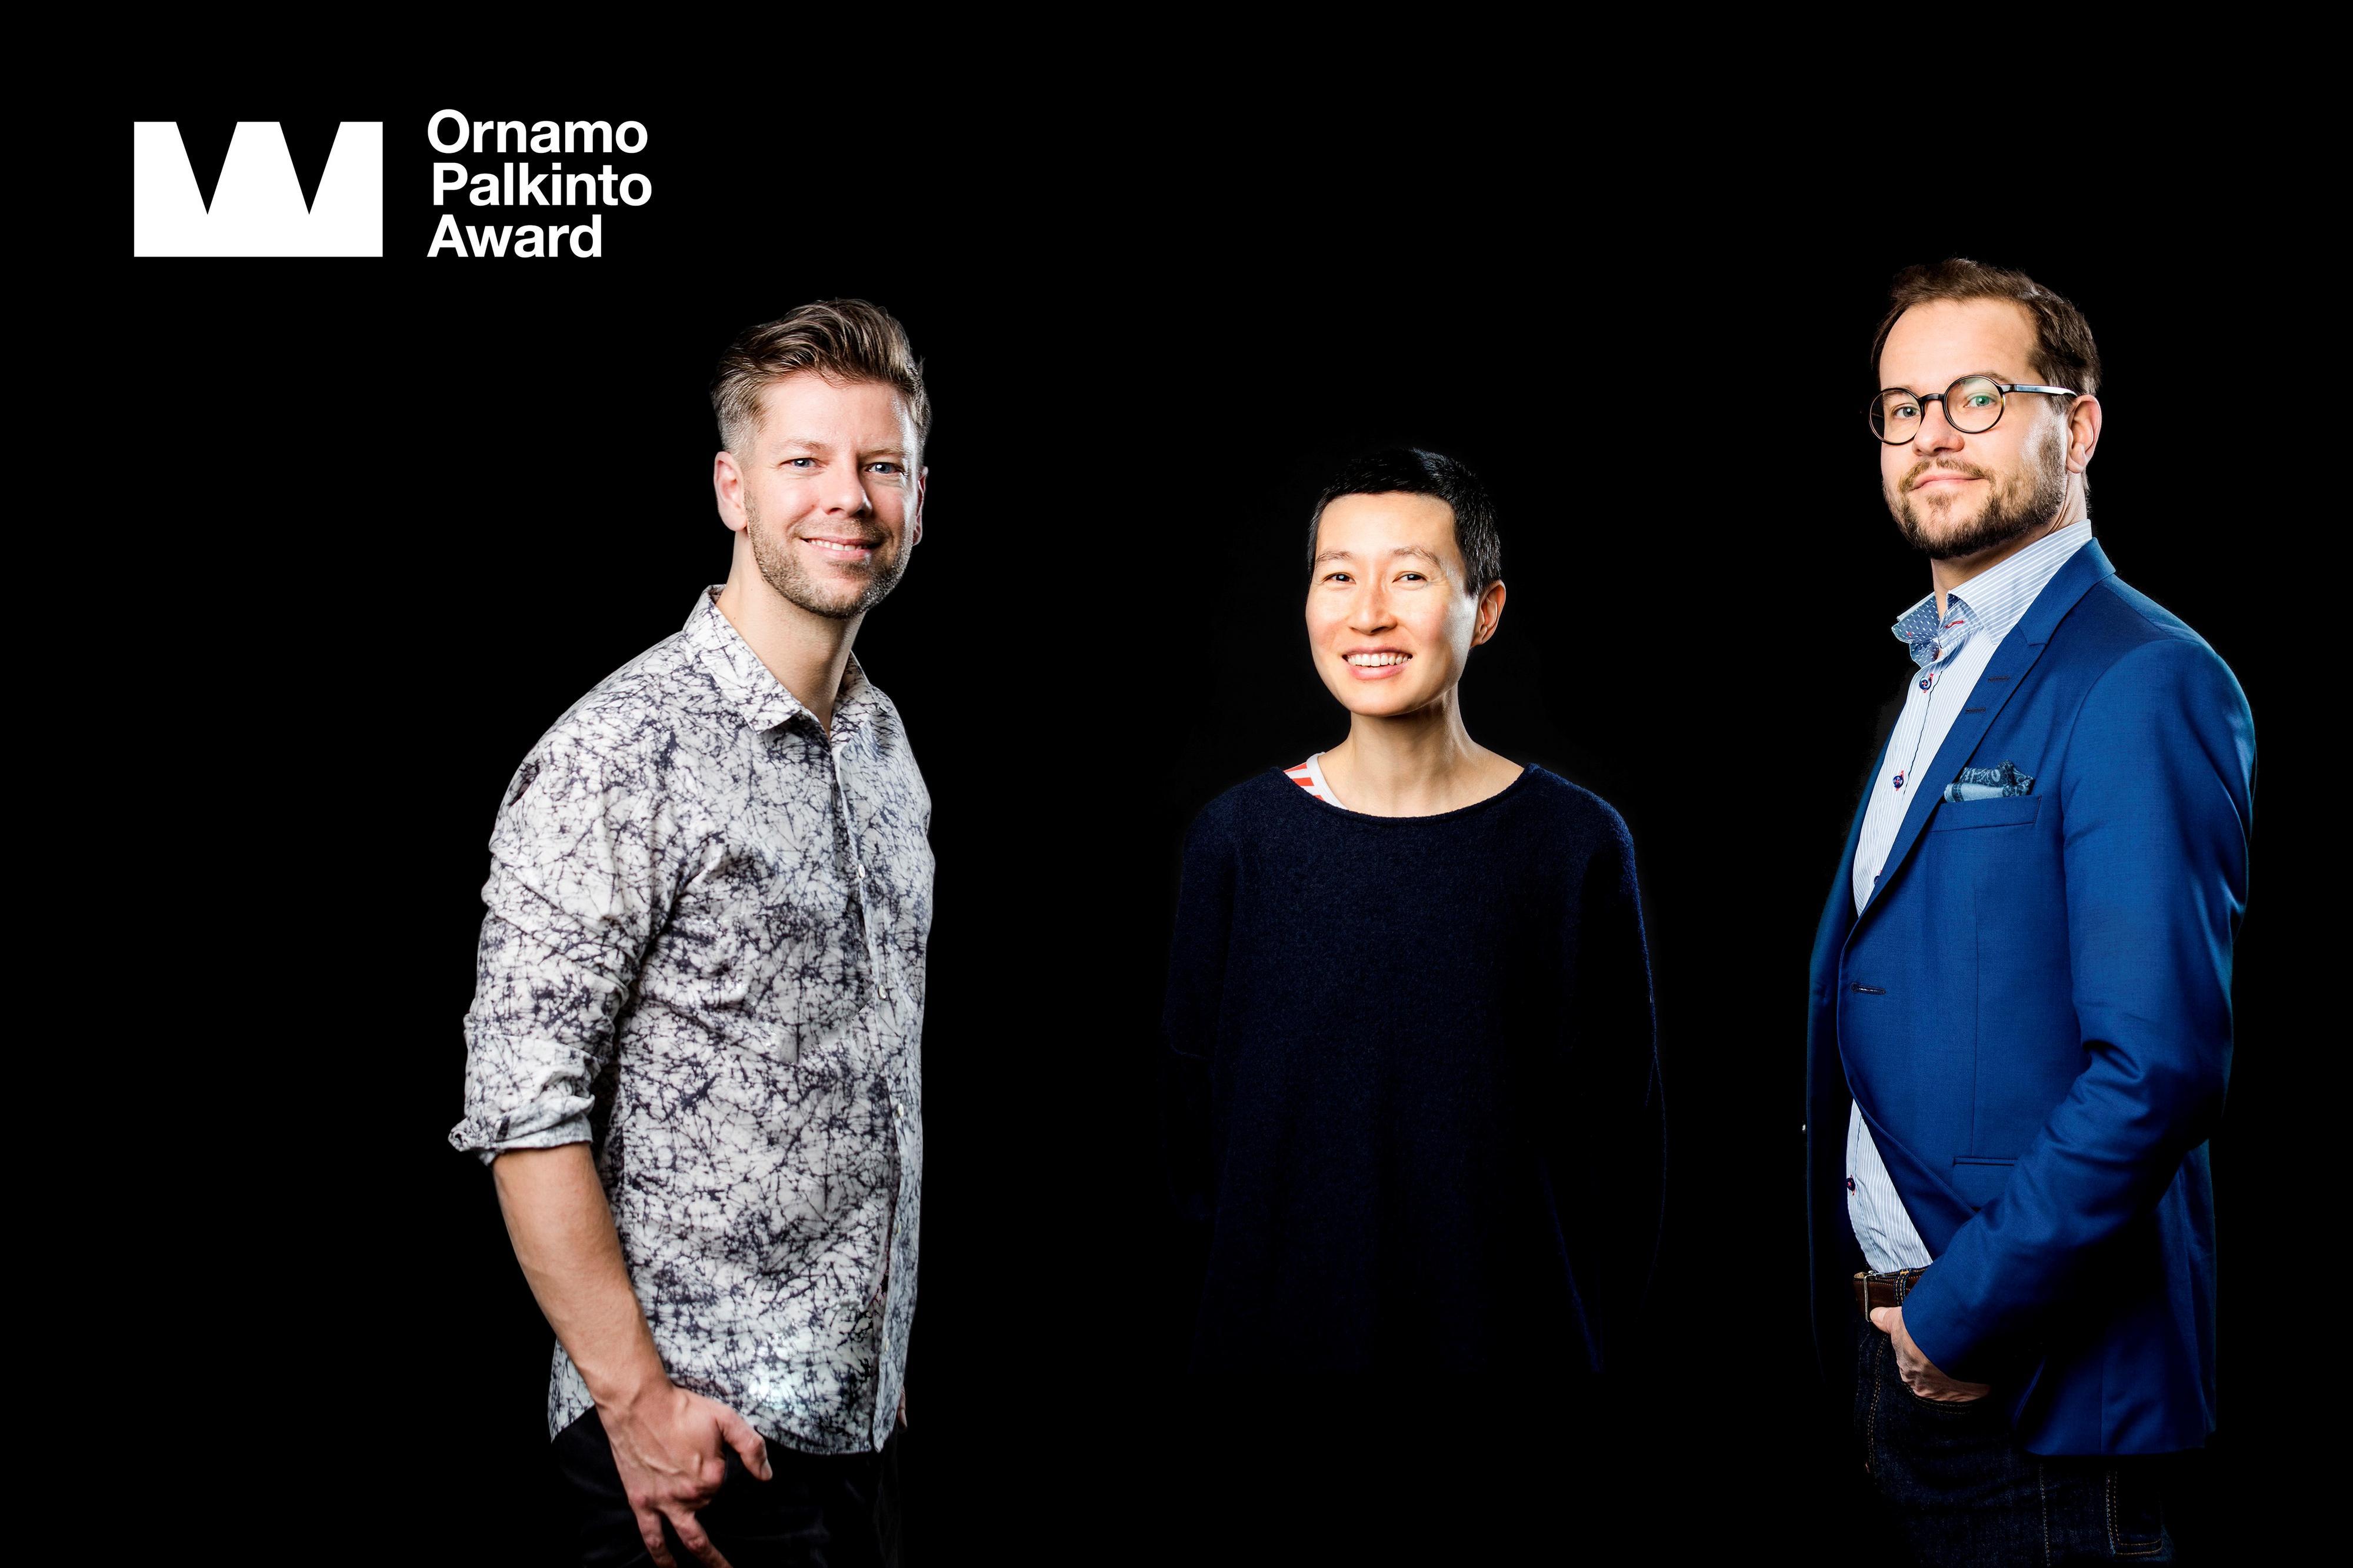 Ornamo-palkinto 2017. Ehdokkaat Mikko Koivisto, Aamu Song ja Antti Olin. Kuva Anni Koponen.